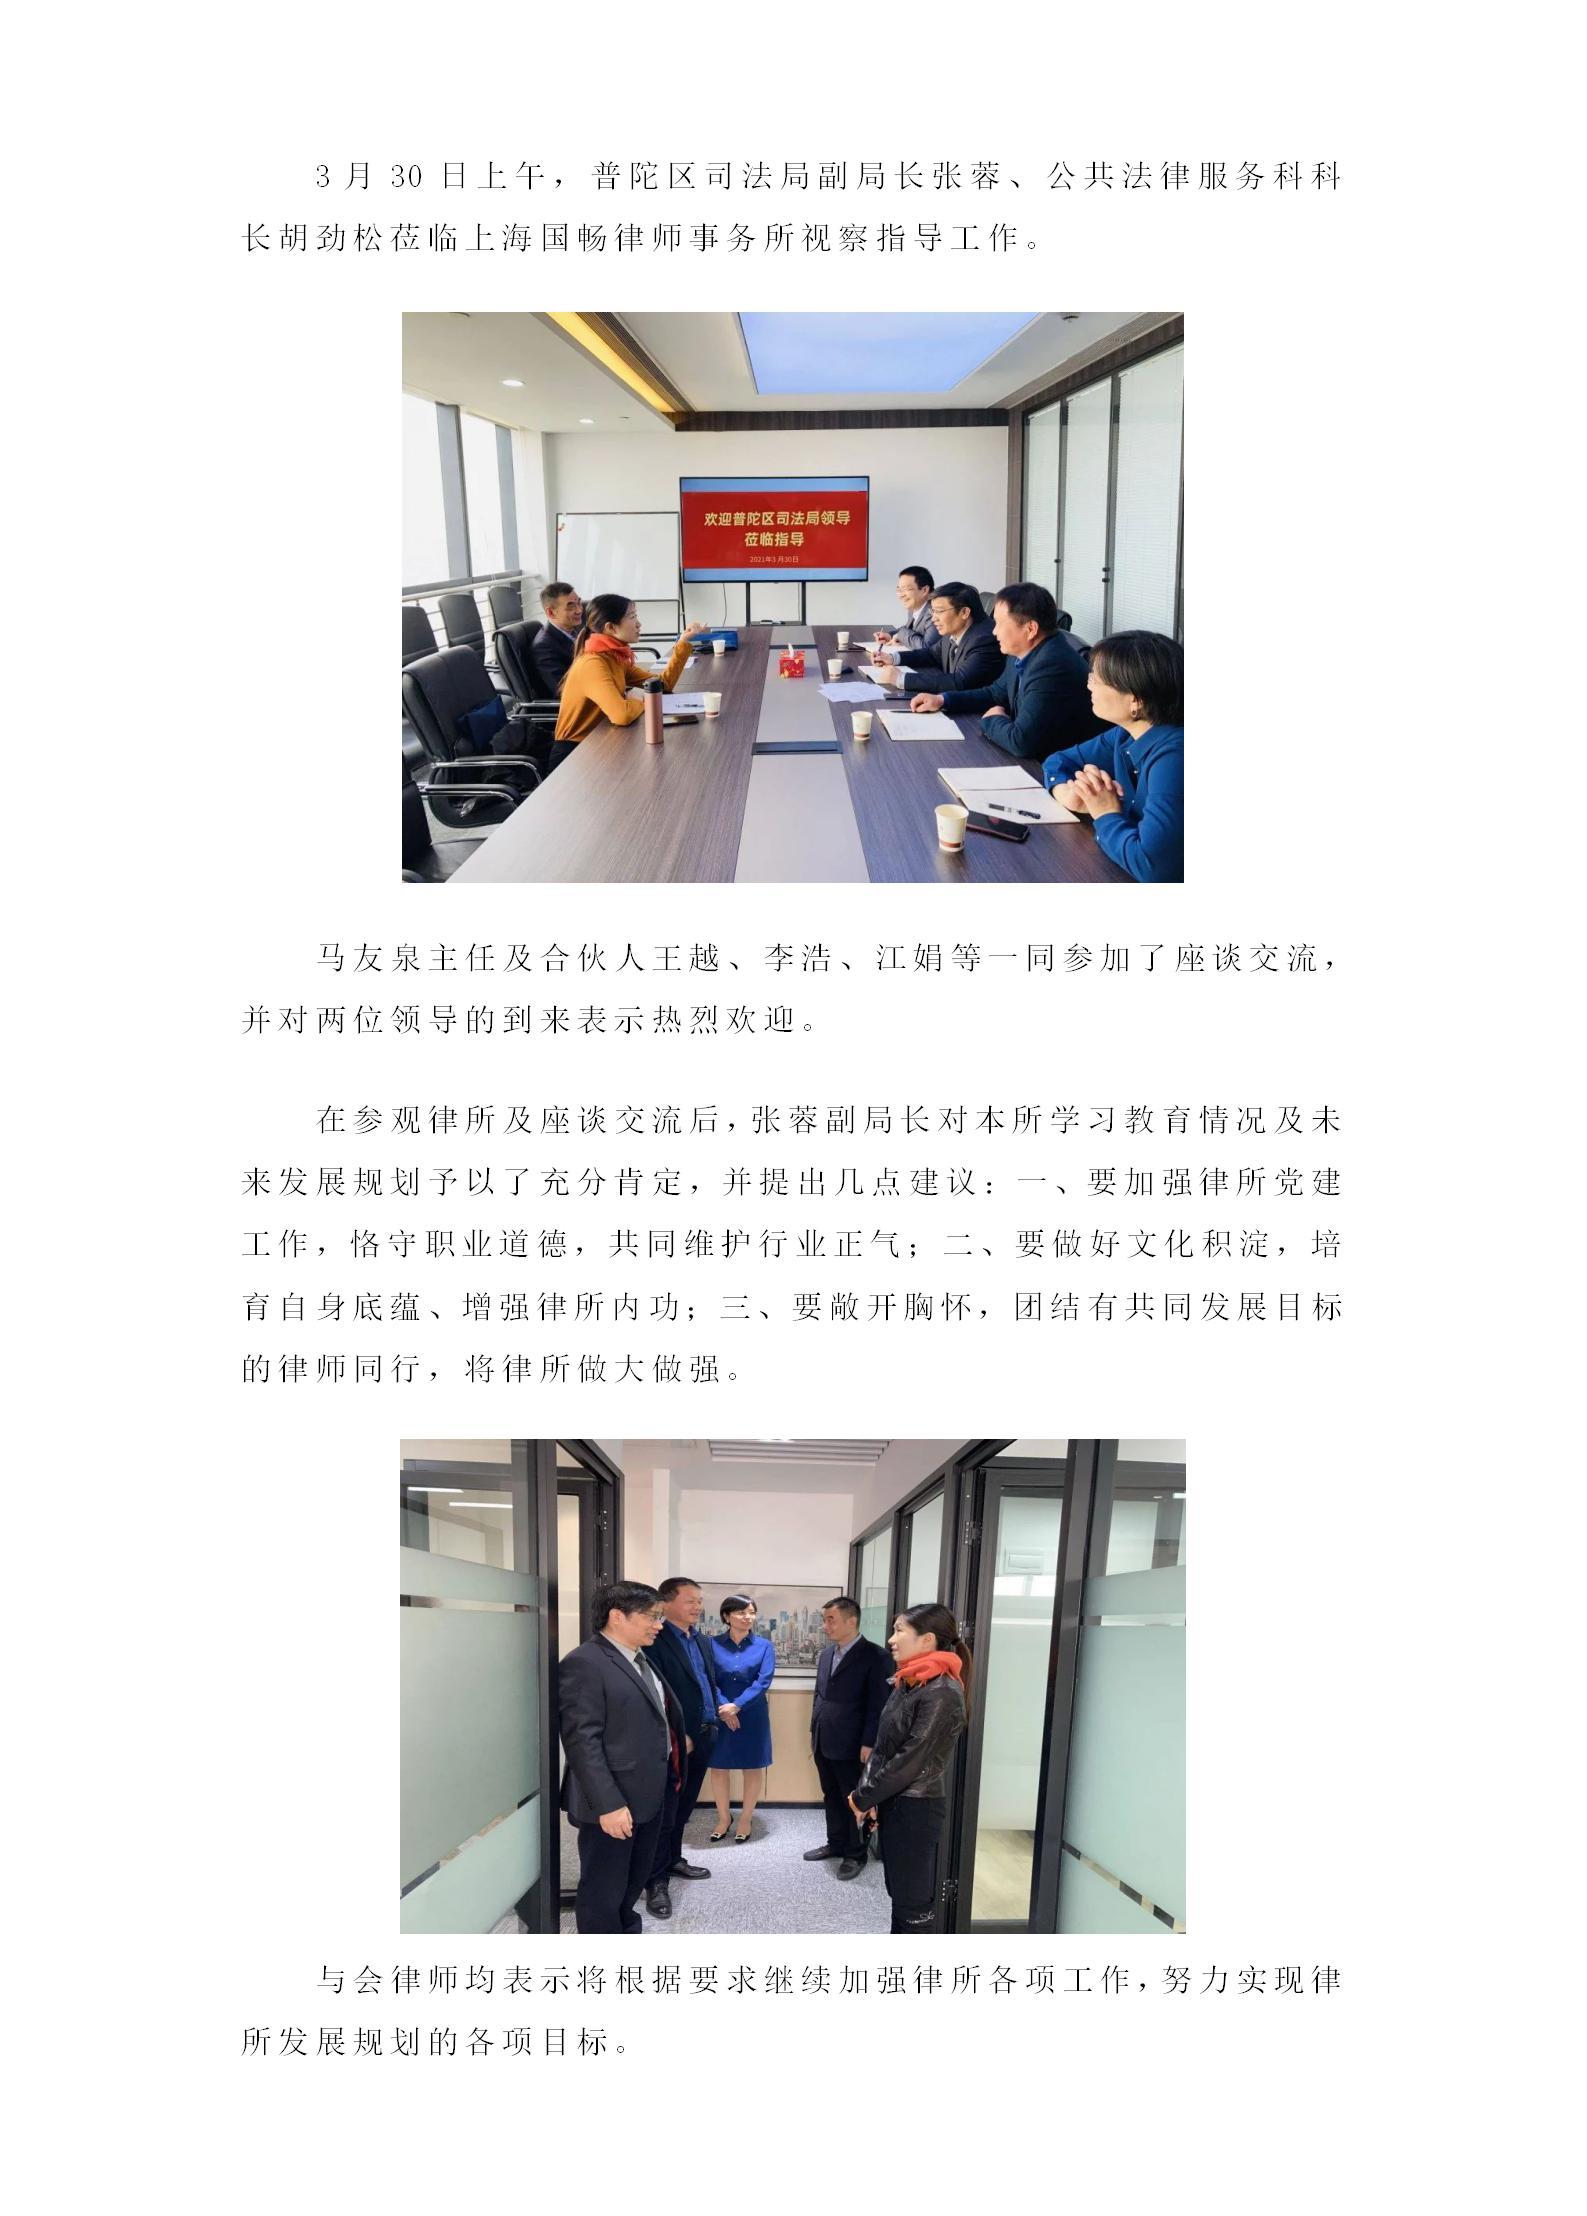 普陀区司法局领导莅临国畅万博maxbetx官网网页登录事务所视察指导工作.jpg